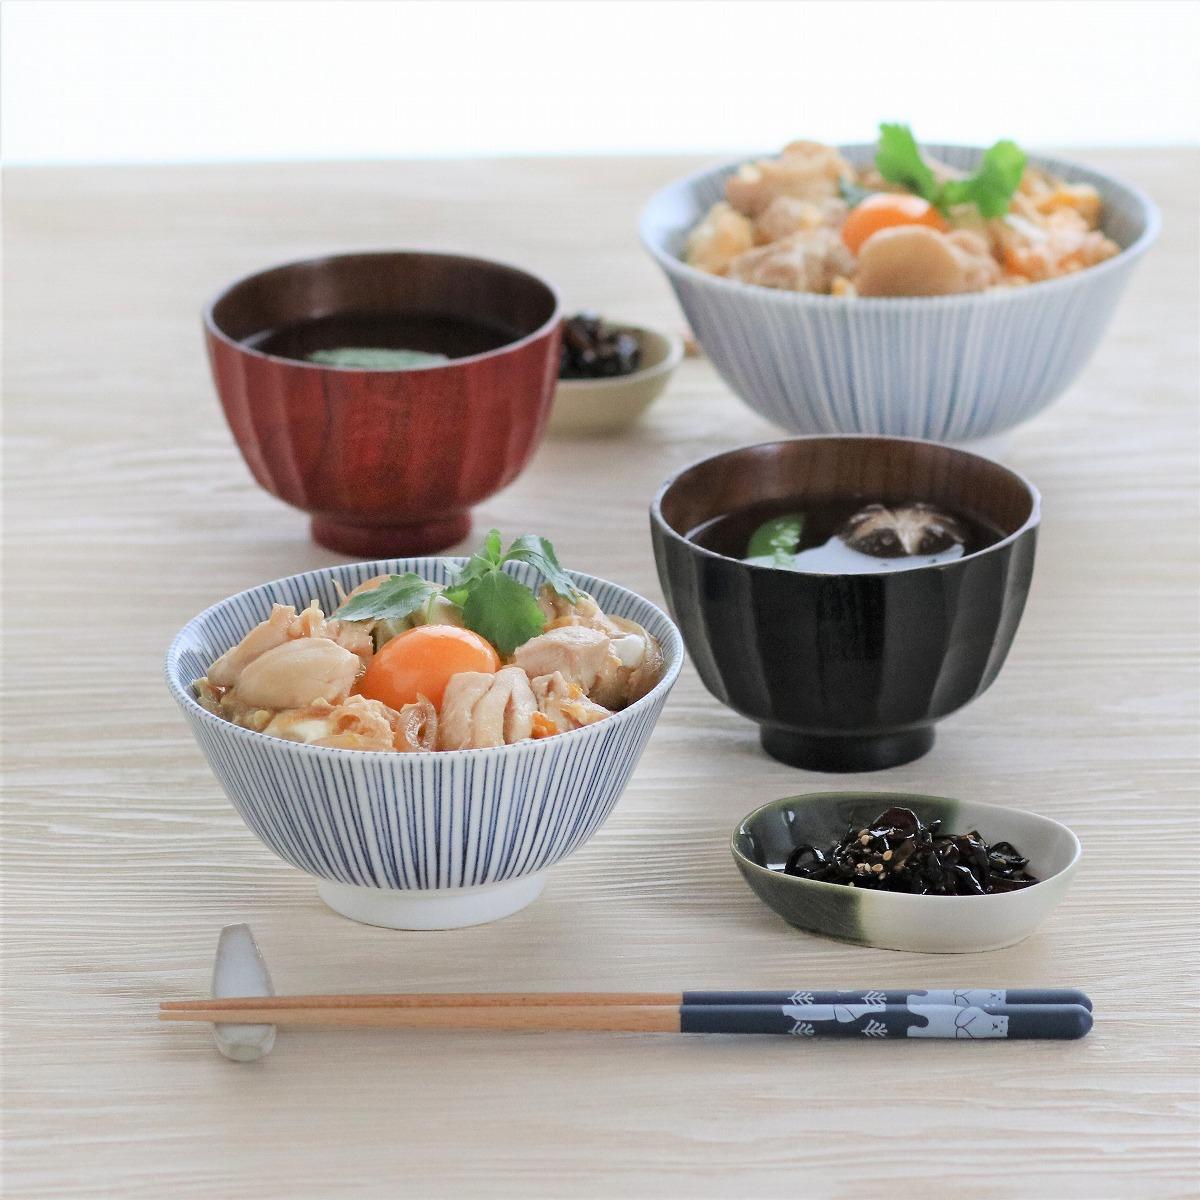 みのる陶器 黒十草 4寸多用丼 13.4cmの商品画像8